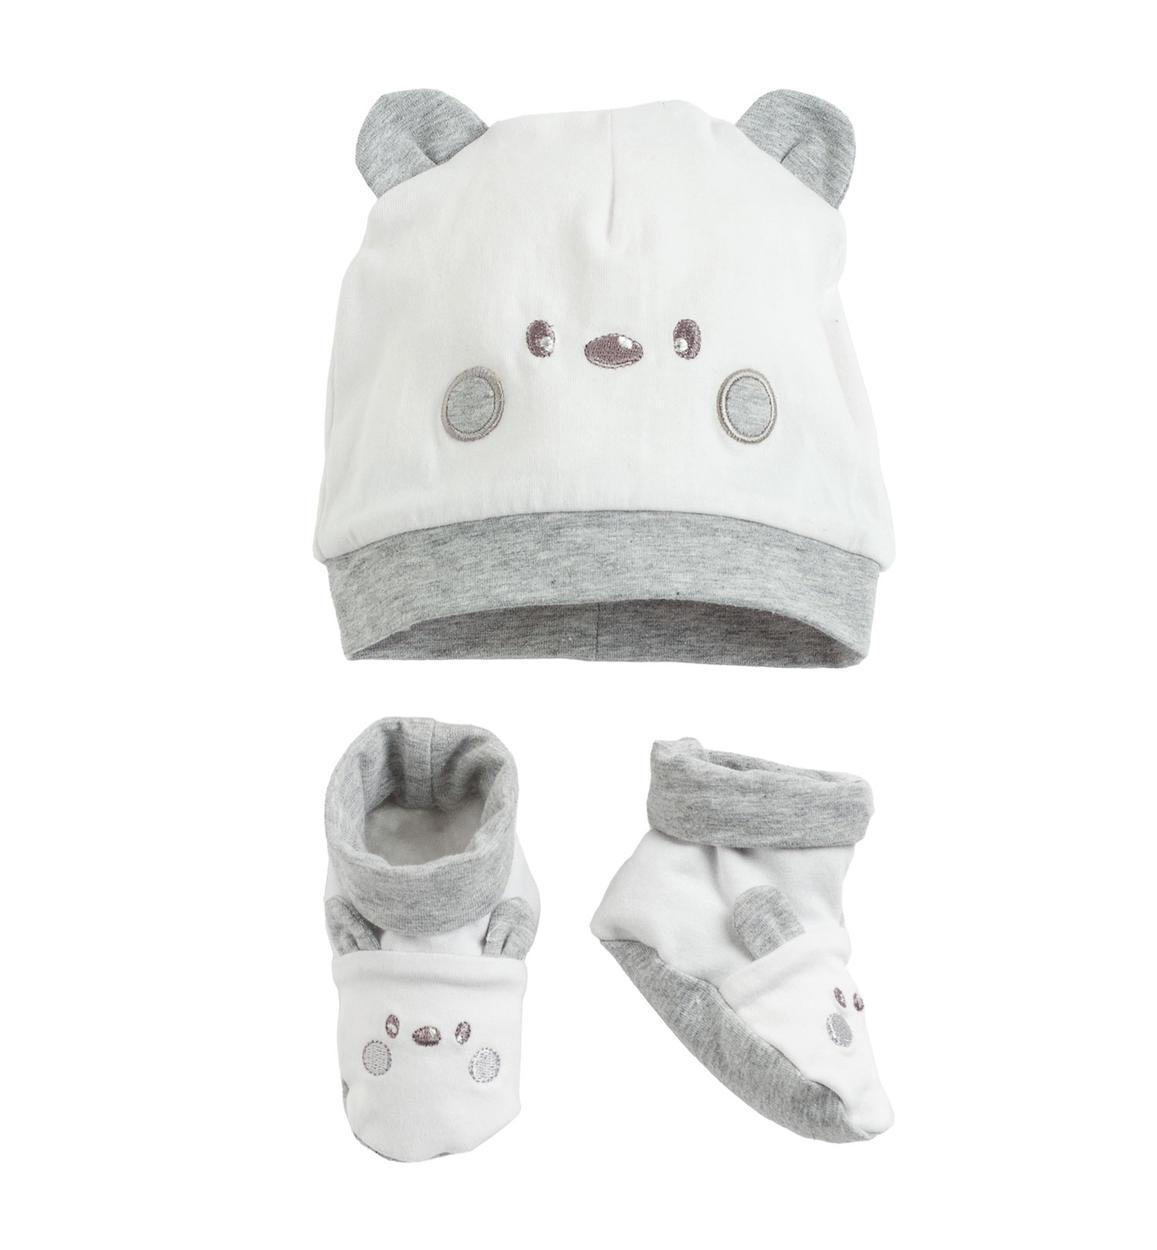 Cappellino e scarpine in cotone per neonati da 0 a 18 mesi iDO